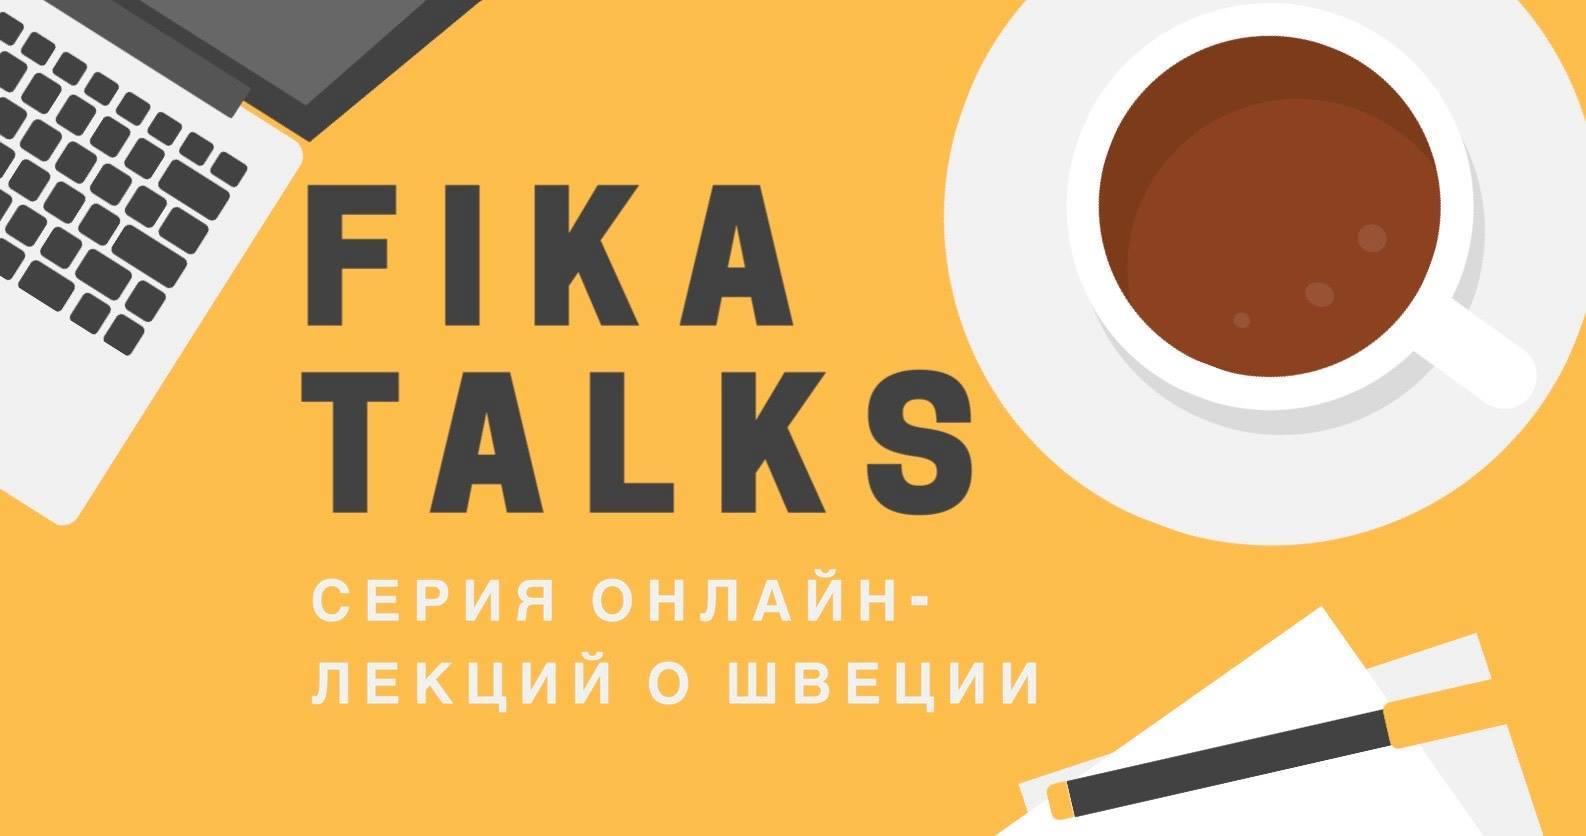 Fika Talks: серия онлайн-лекций о Швеции